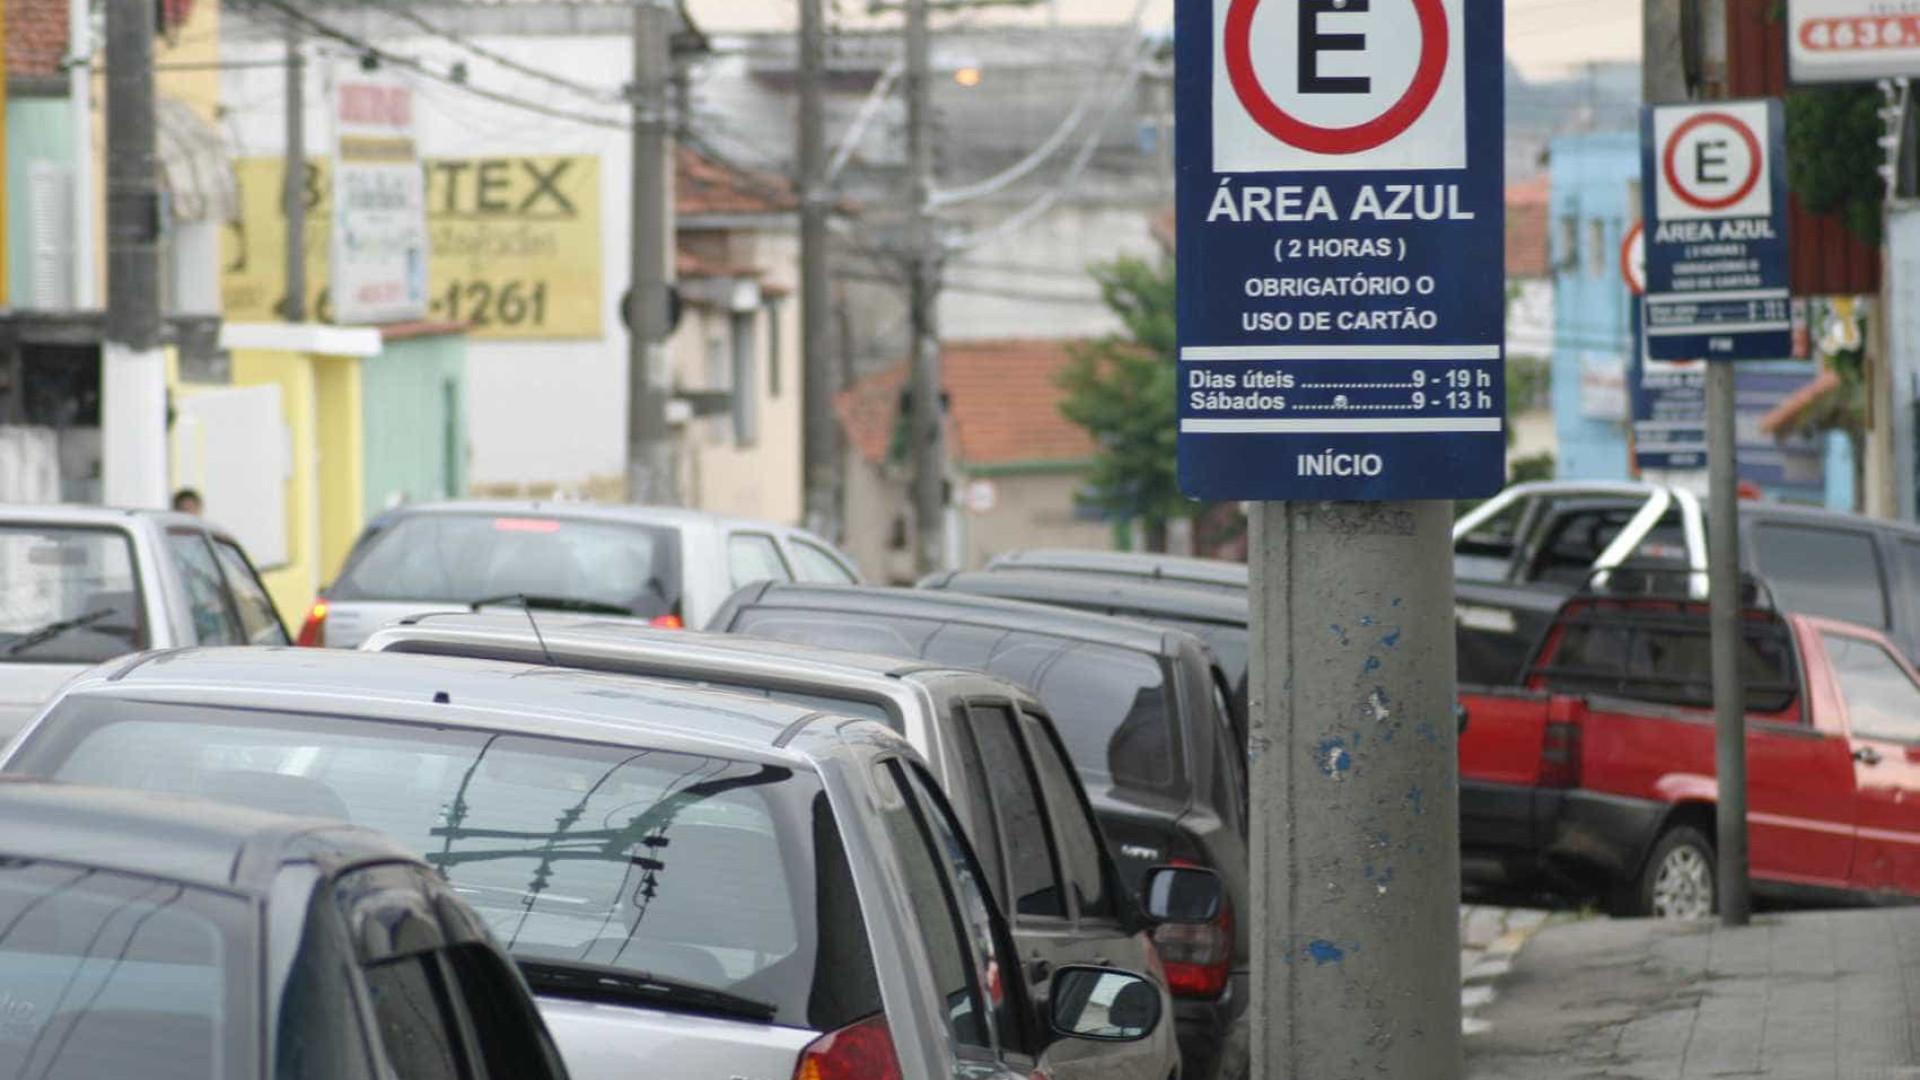 Prefeitura prorroga prazo para propostas para concessão do Zona Azul